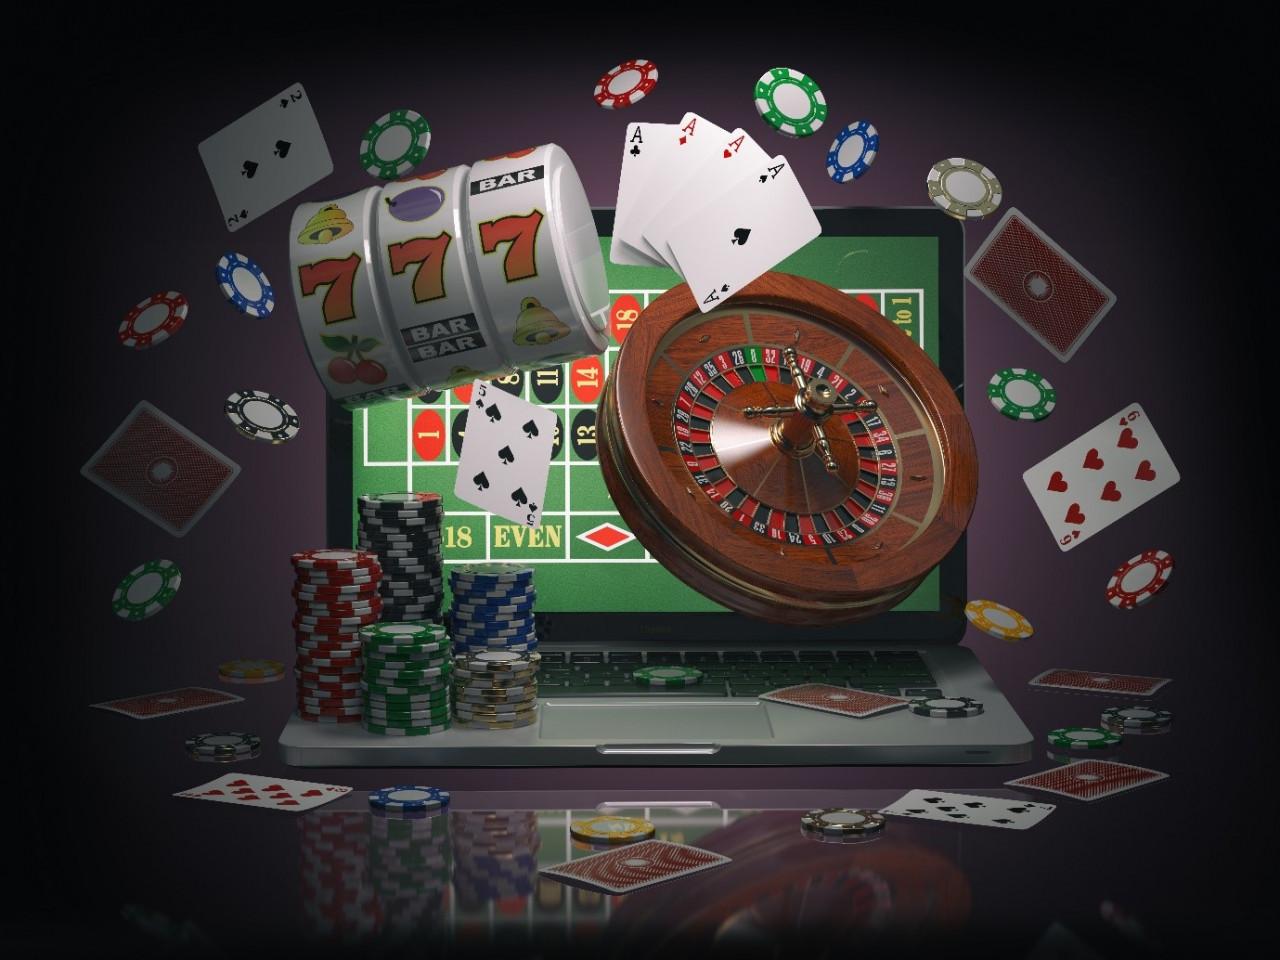 Jogos de cassino gratis online